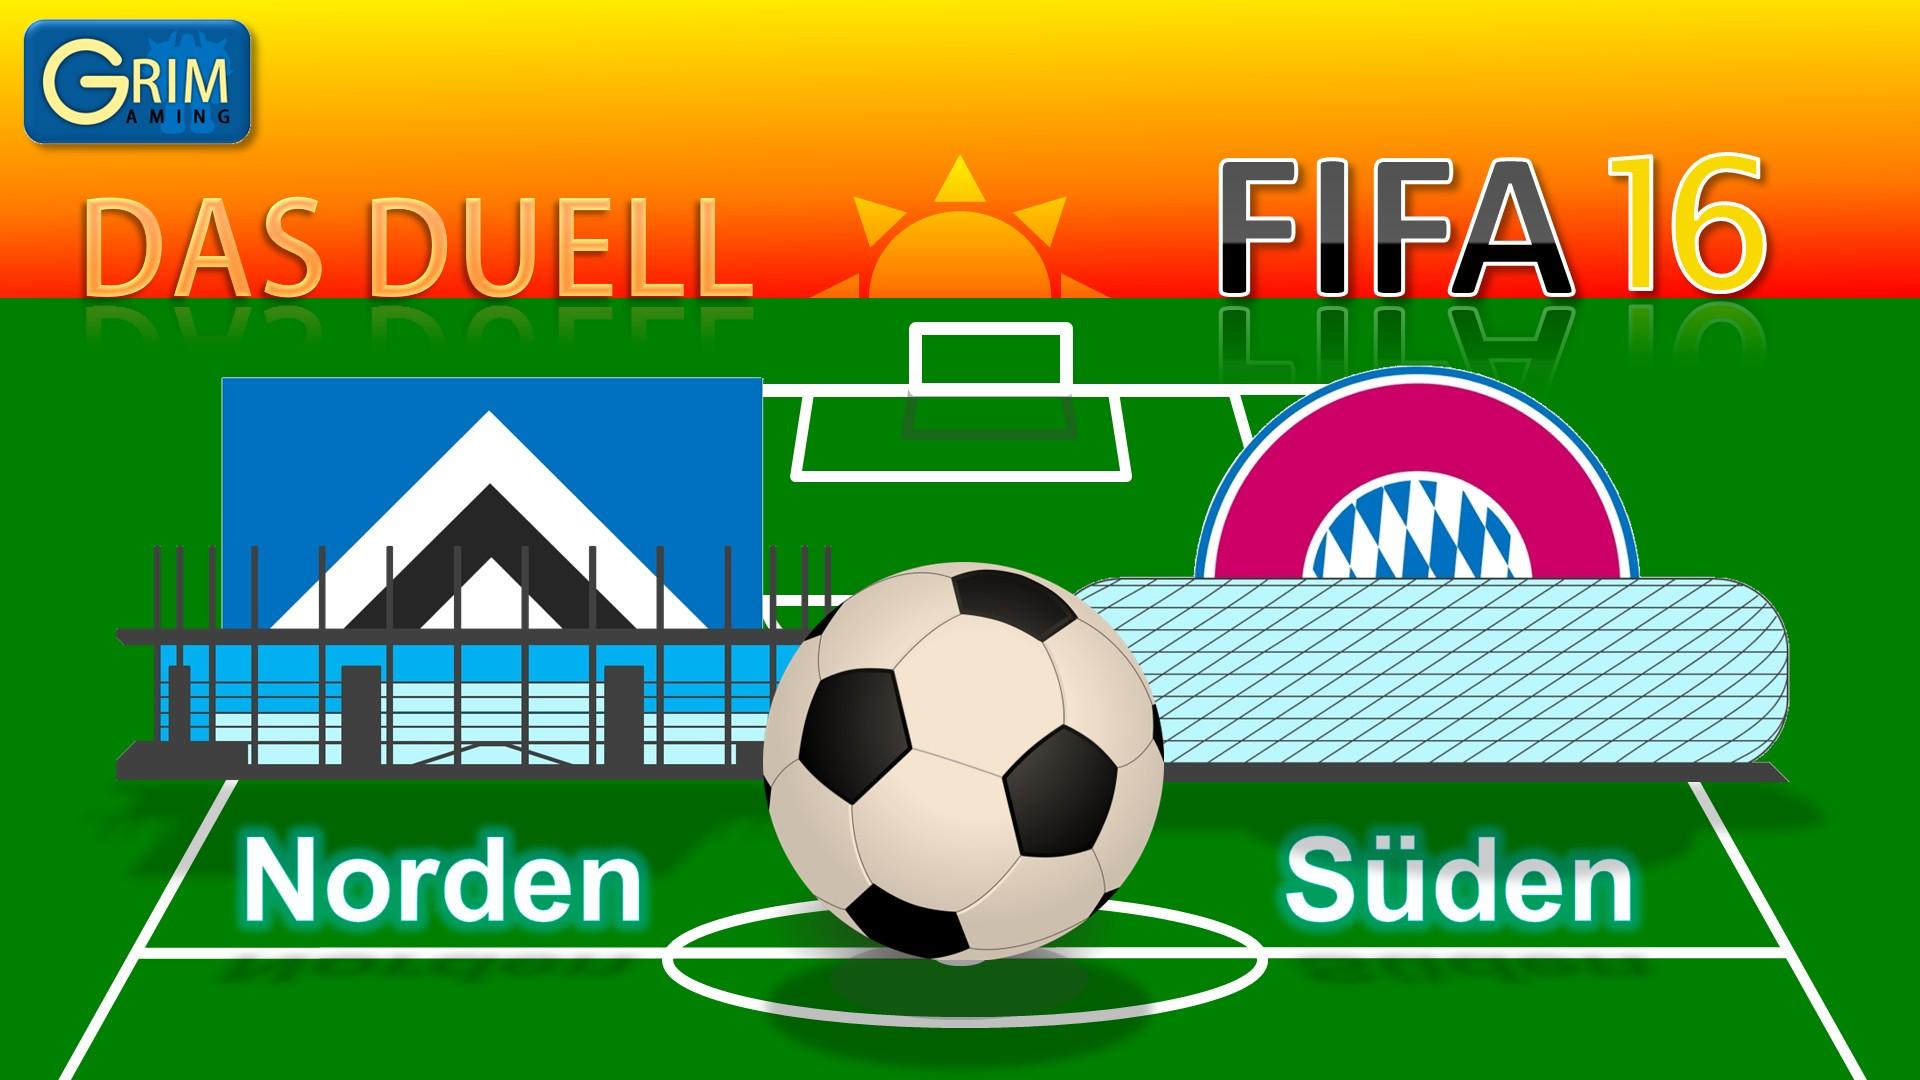 Fifa16 N vs S